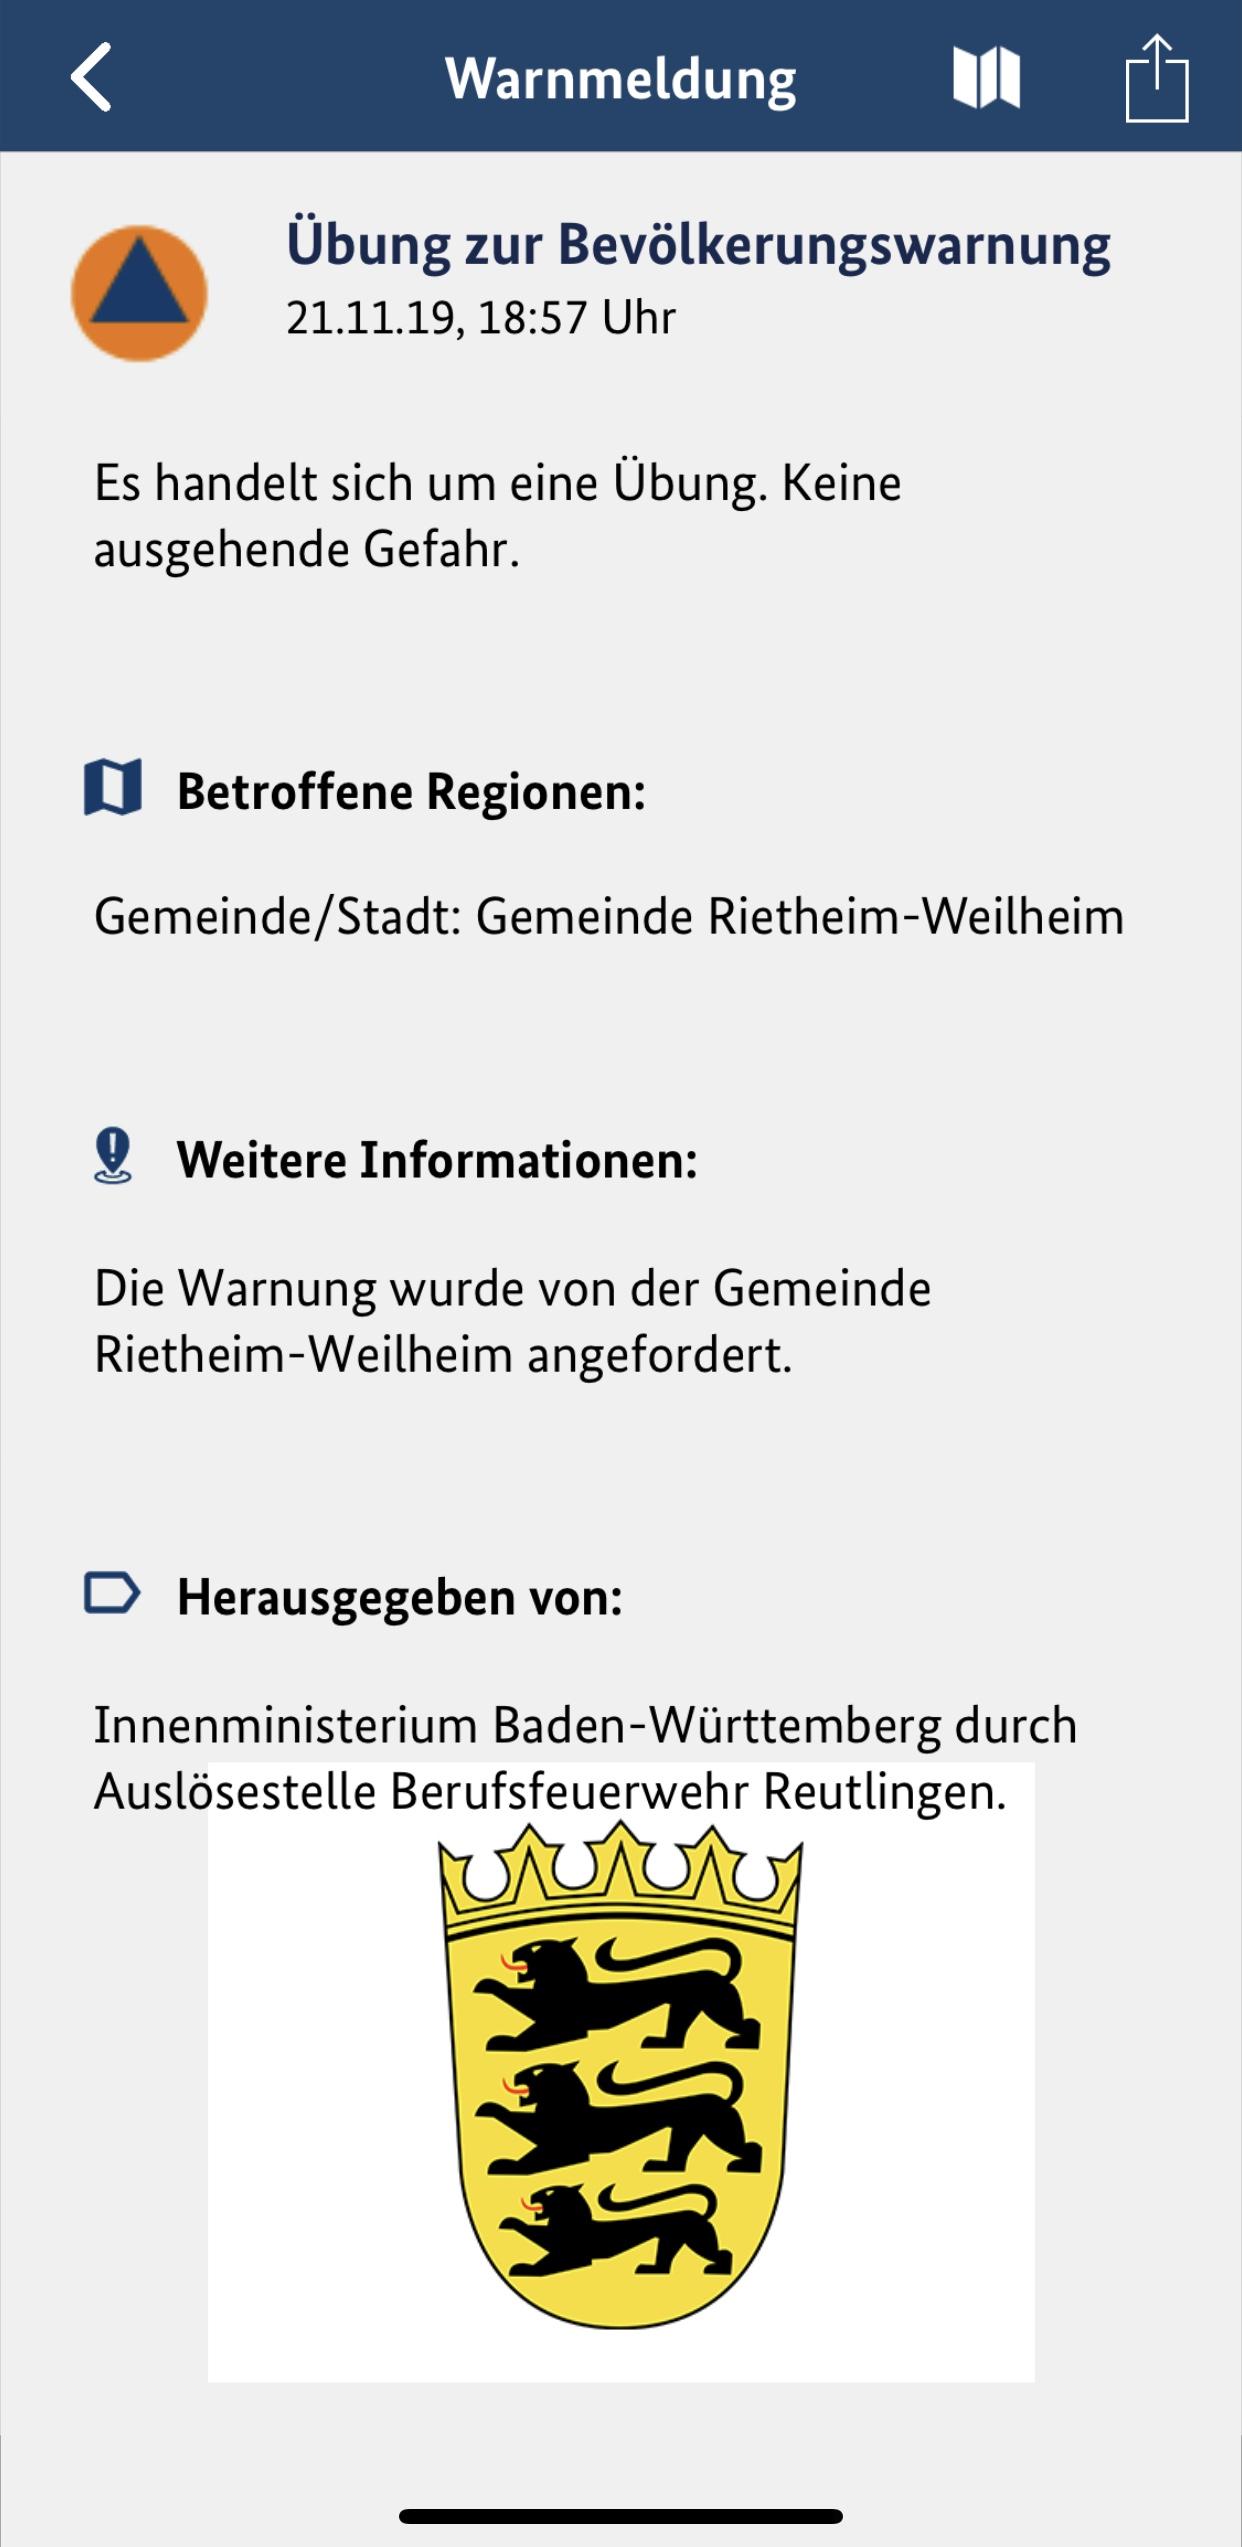 """Warunungsmeldung der Warn-App """"NINA"""""""